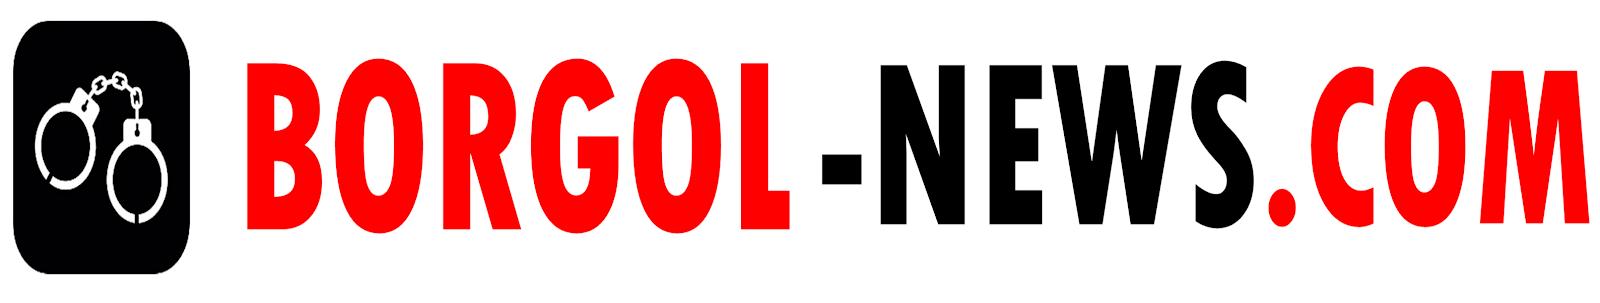 Borgol-News.com